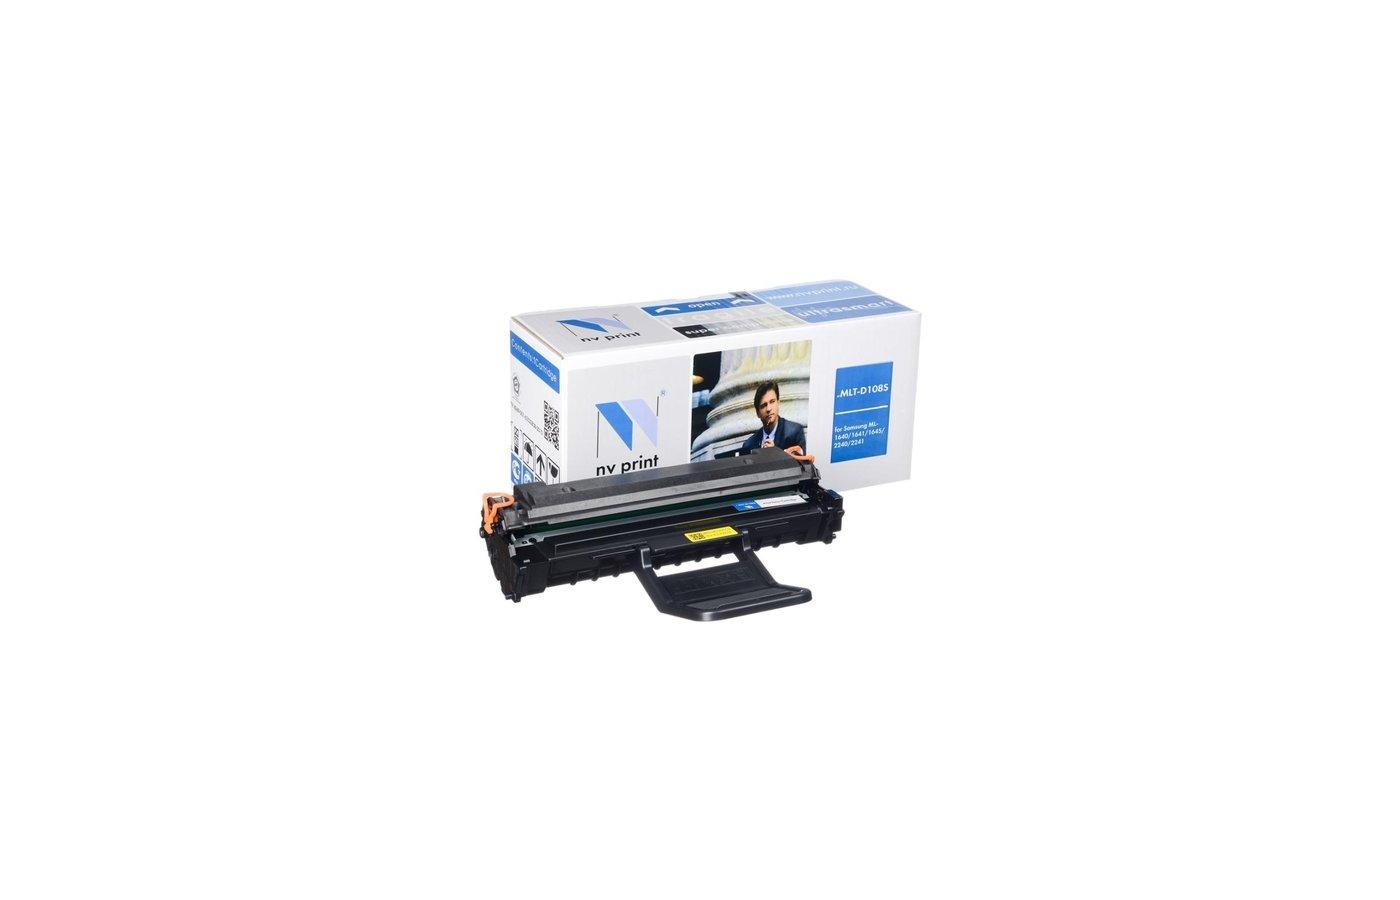 Картридж лазерный NV-Print совместимый MLT-D108S для ML-1640/1641/1645/2240/2241. Чёрный. 1500 страниц.